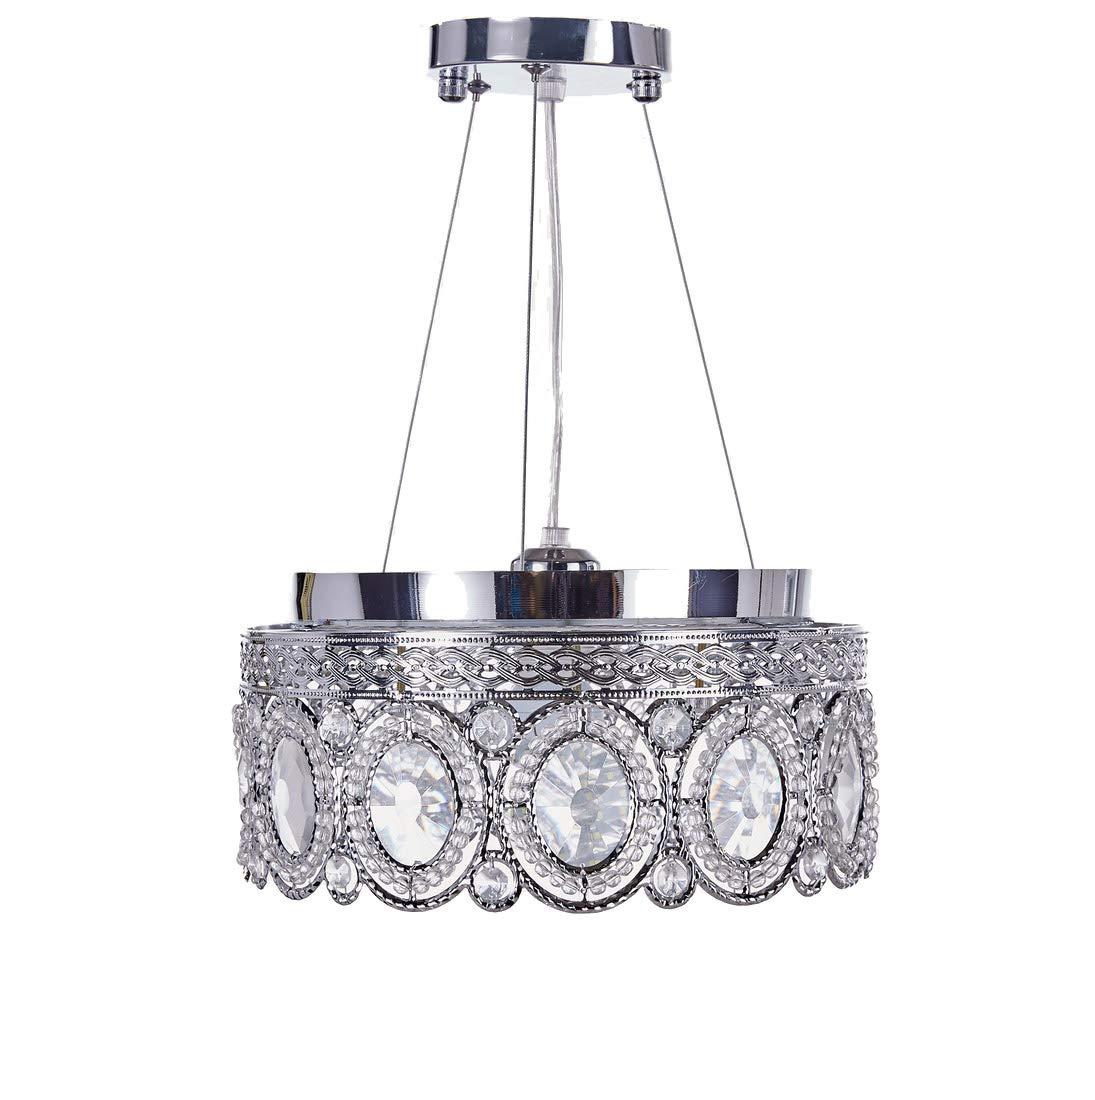 ダイヤモンドライフクロムモダンクリスタルシャンデリア、吊り下げ式または天井埋め込み式ライト、168